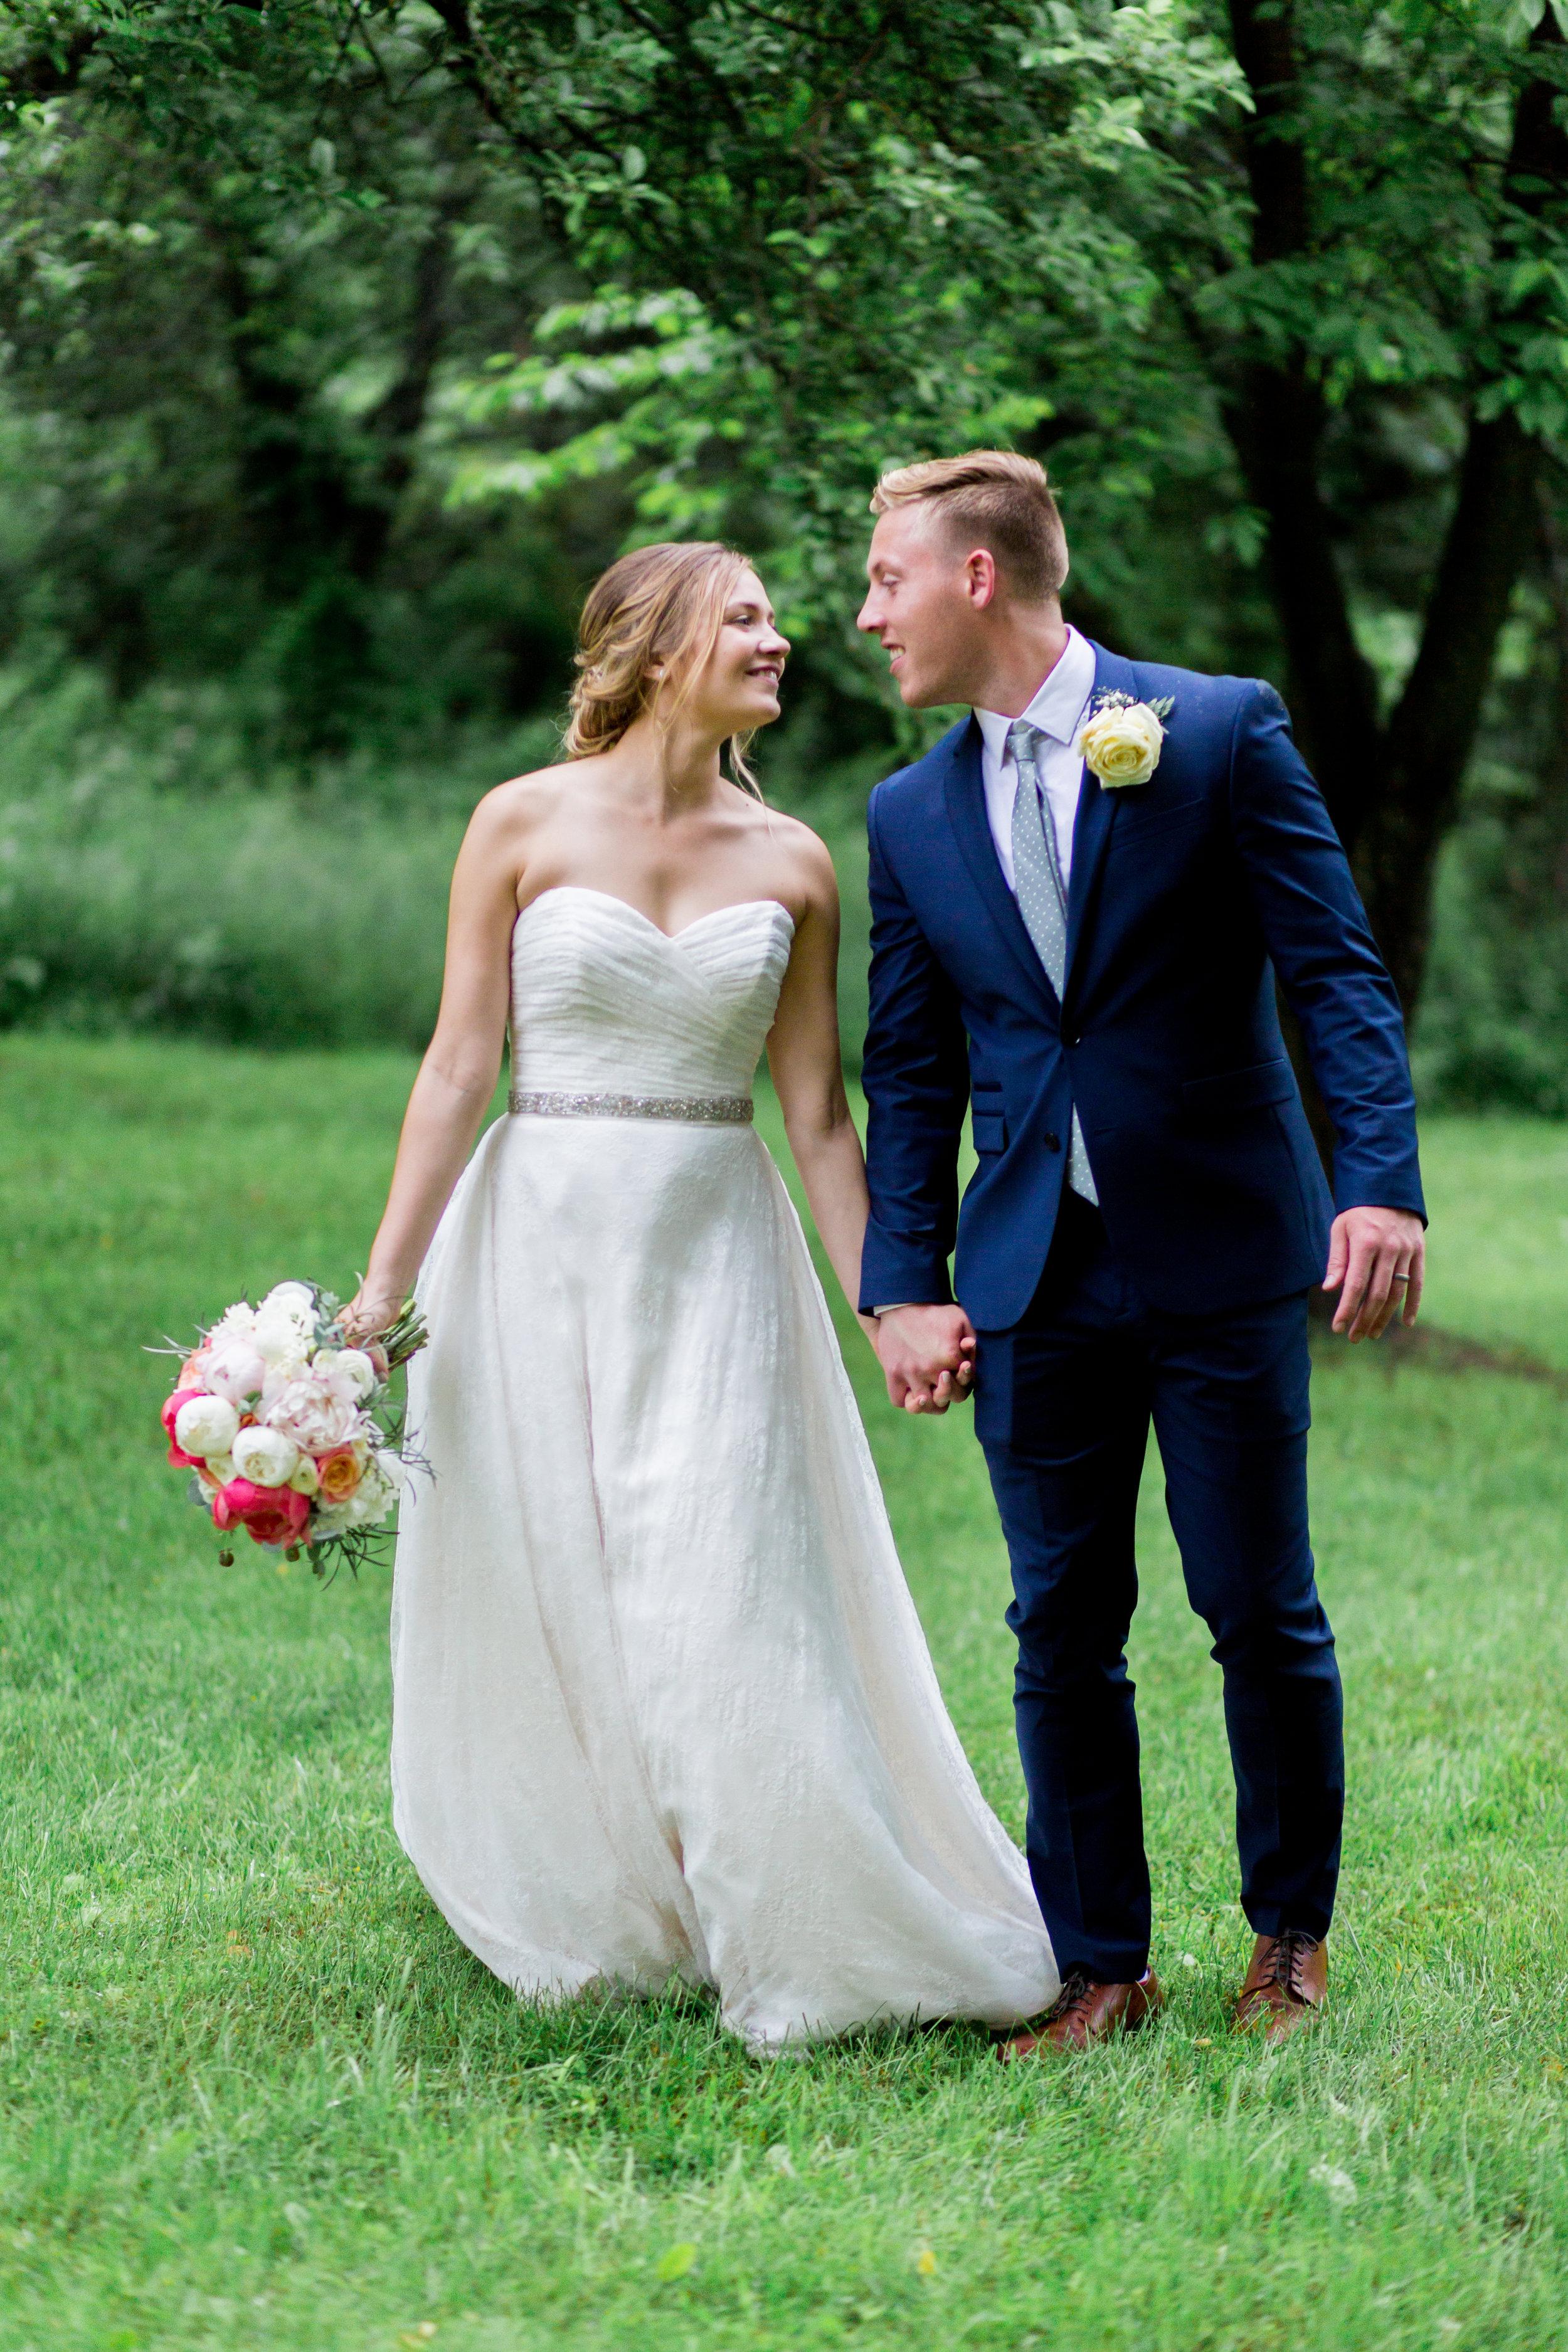 Woodley_Wedding1544-2.jpg